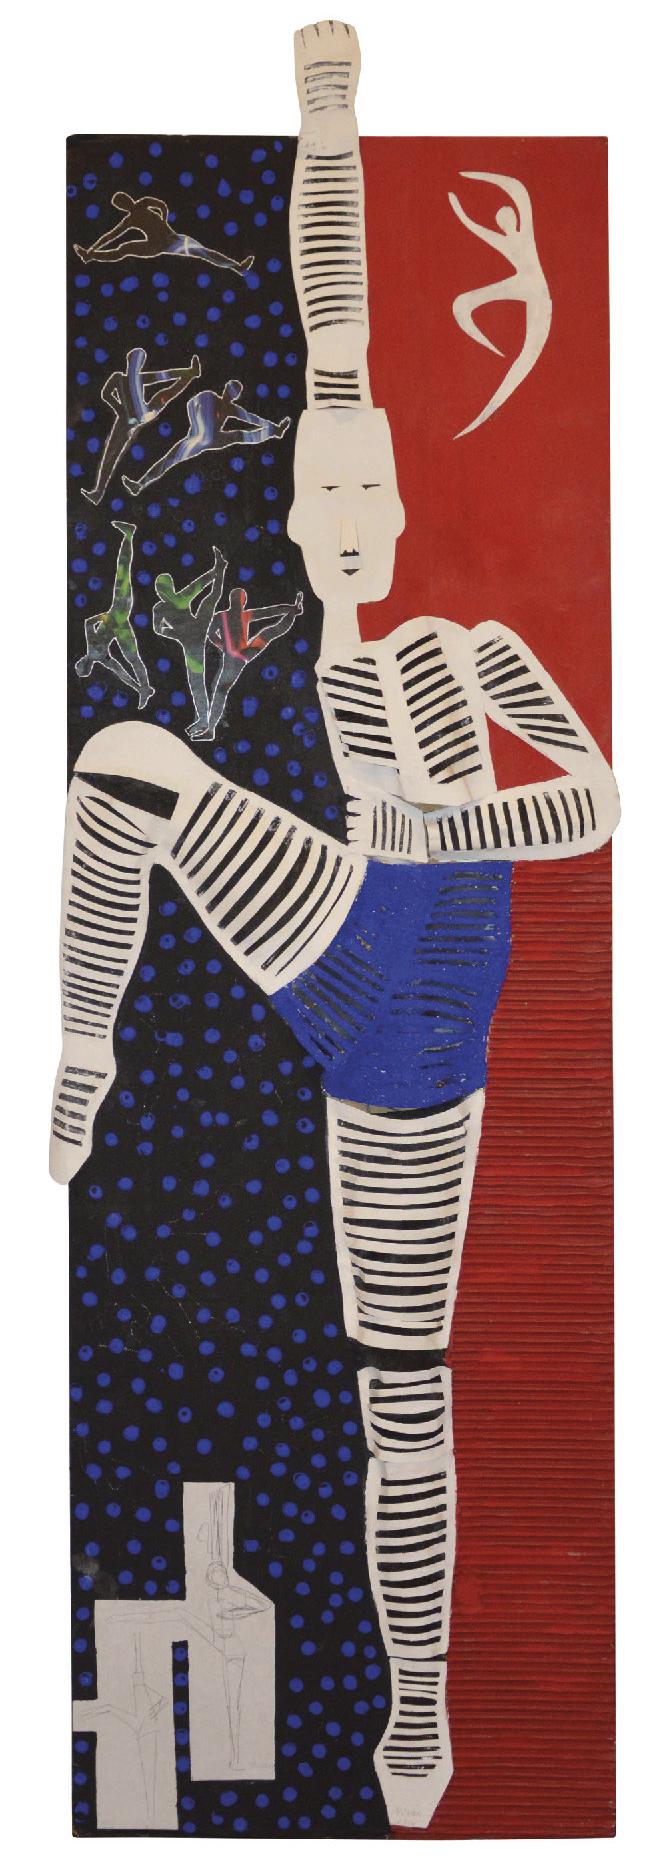 Lot 51 - NIVESE Oscari (1944) Danseur, 2016 - Mixed media - 147 x 47 cm -